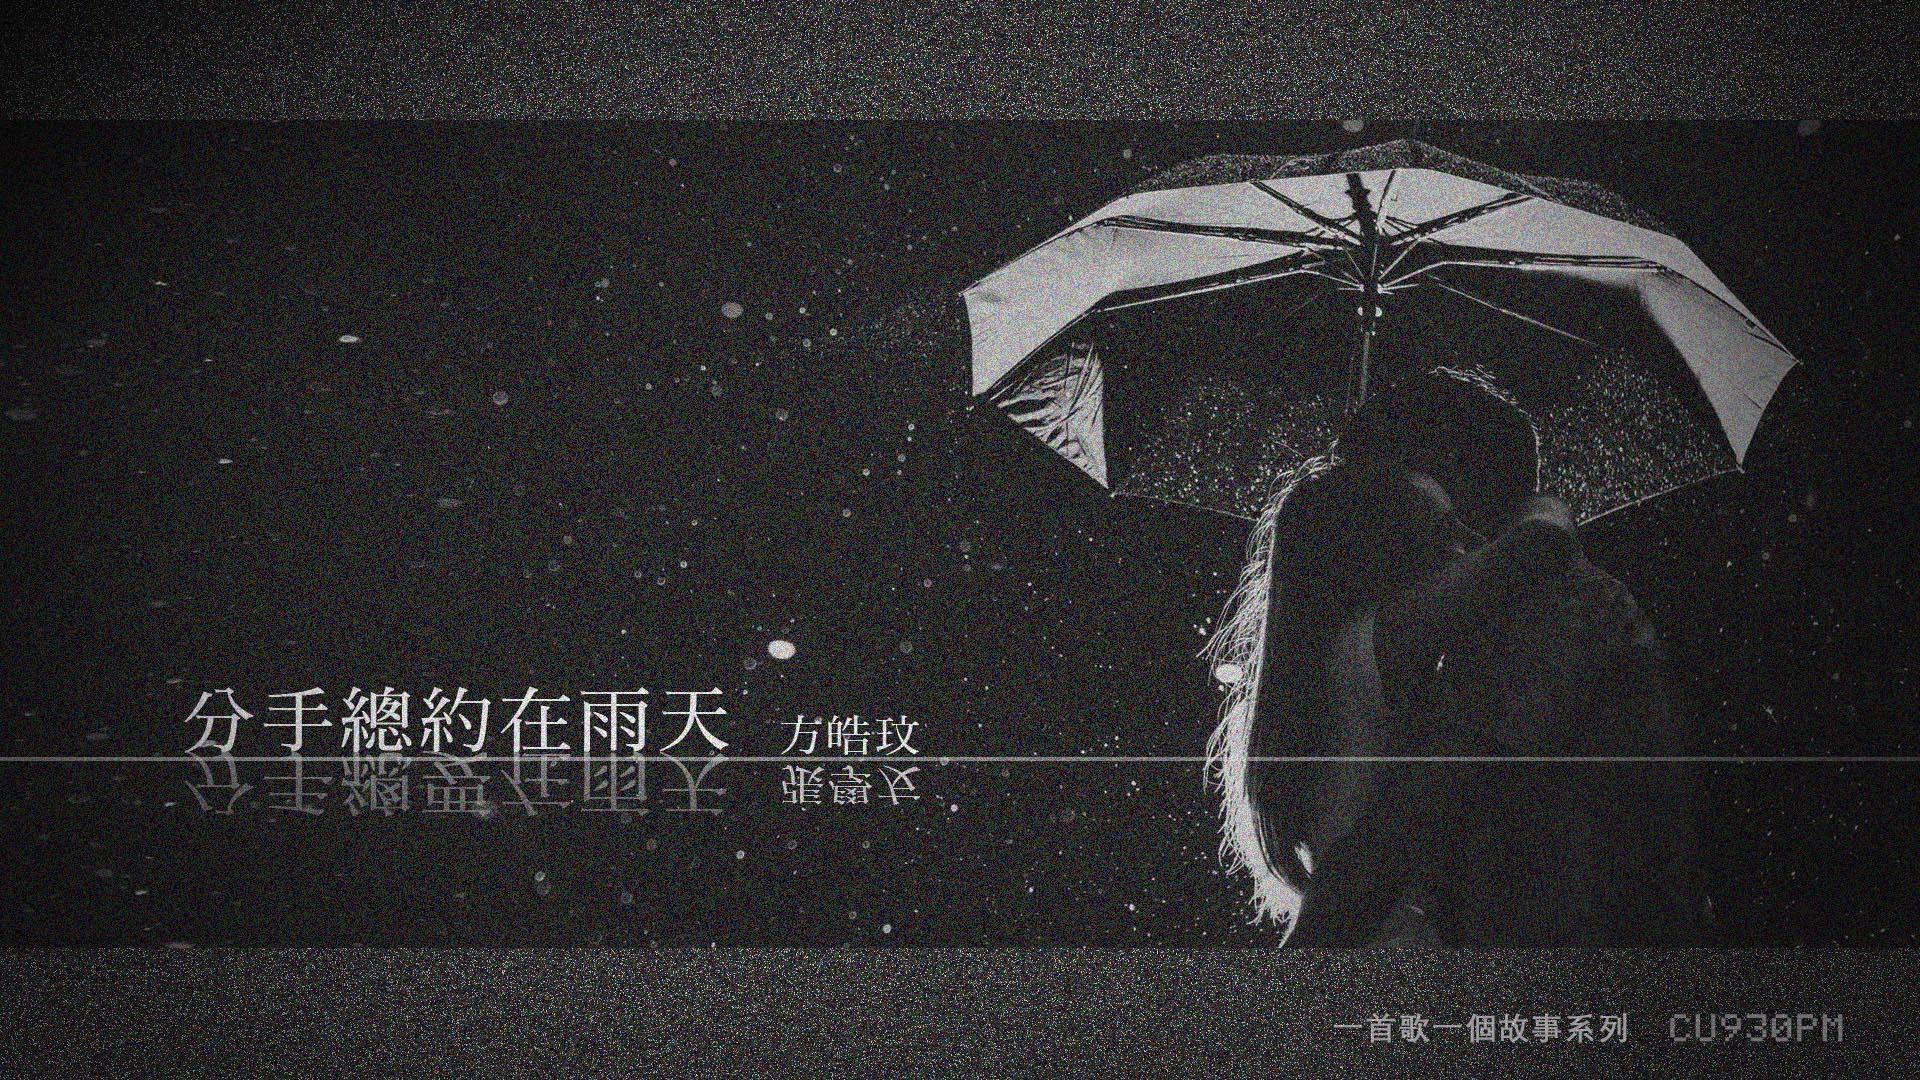 一首歌一個故事系列4 「分手總約在雨天」 方皓玟 feat. 「分手總要在雨天」張學友